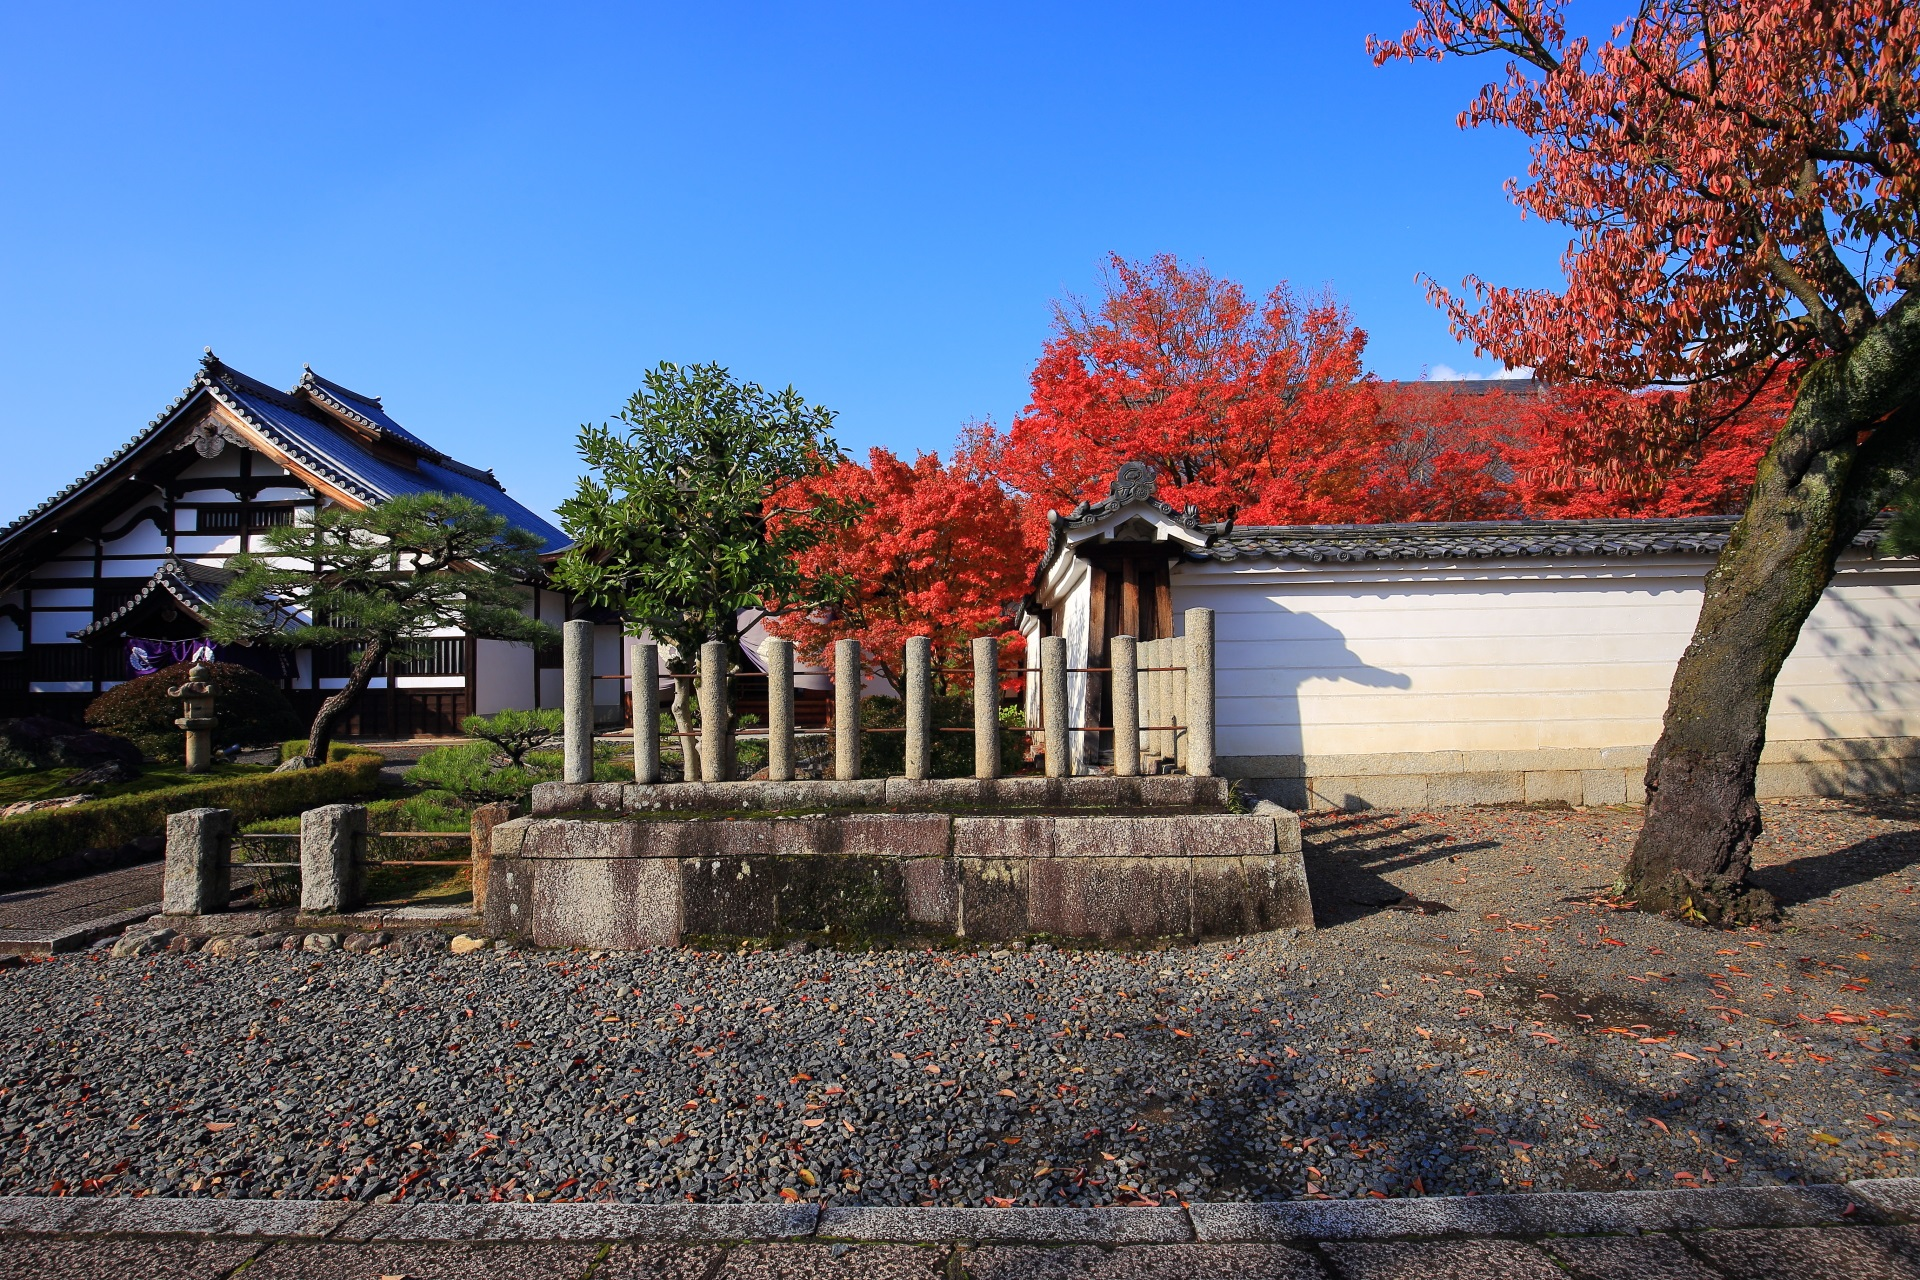 妙覚寺の青空の下の庫裡と溢れ出す真っ赤な紅葉